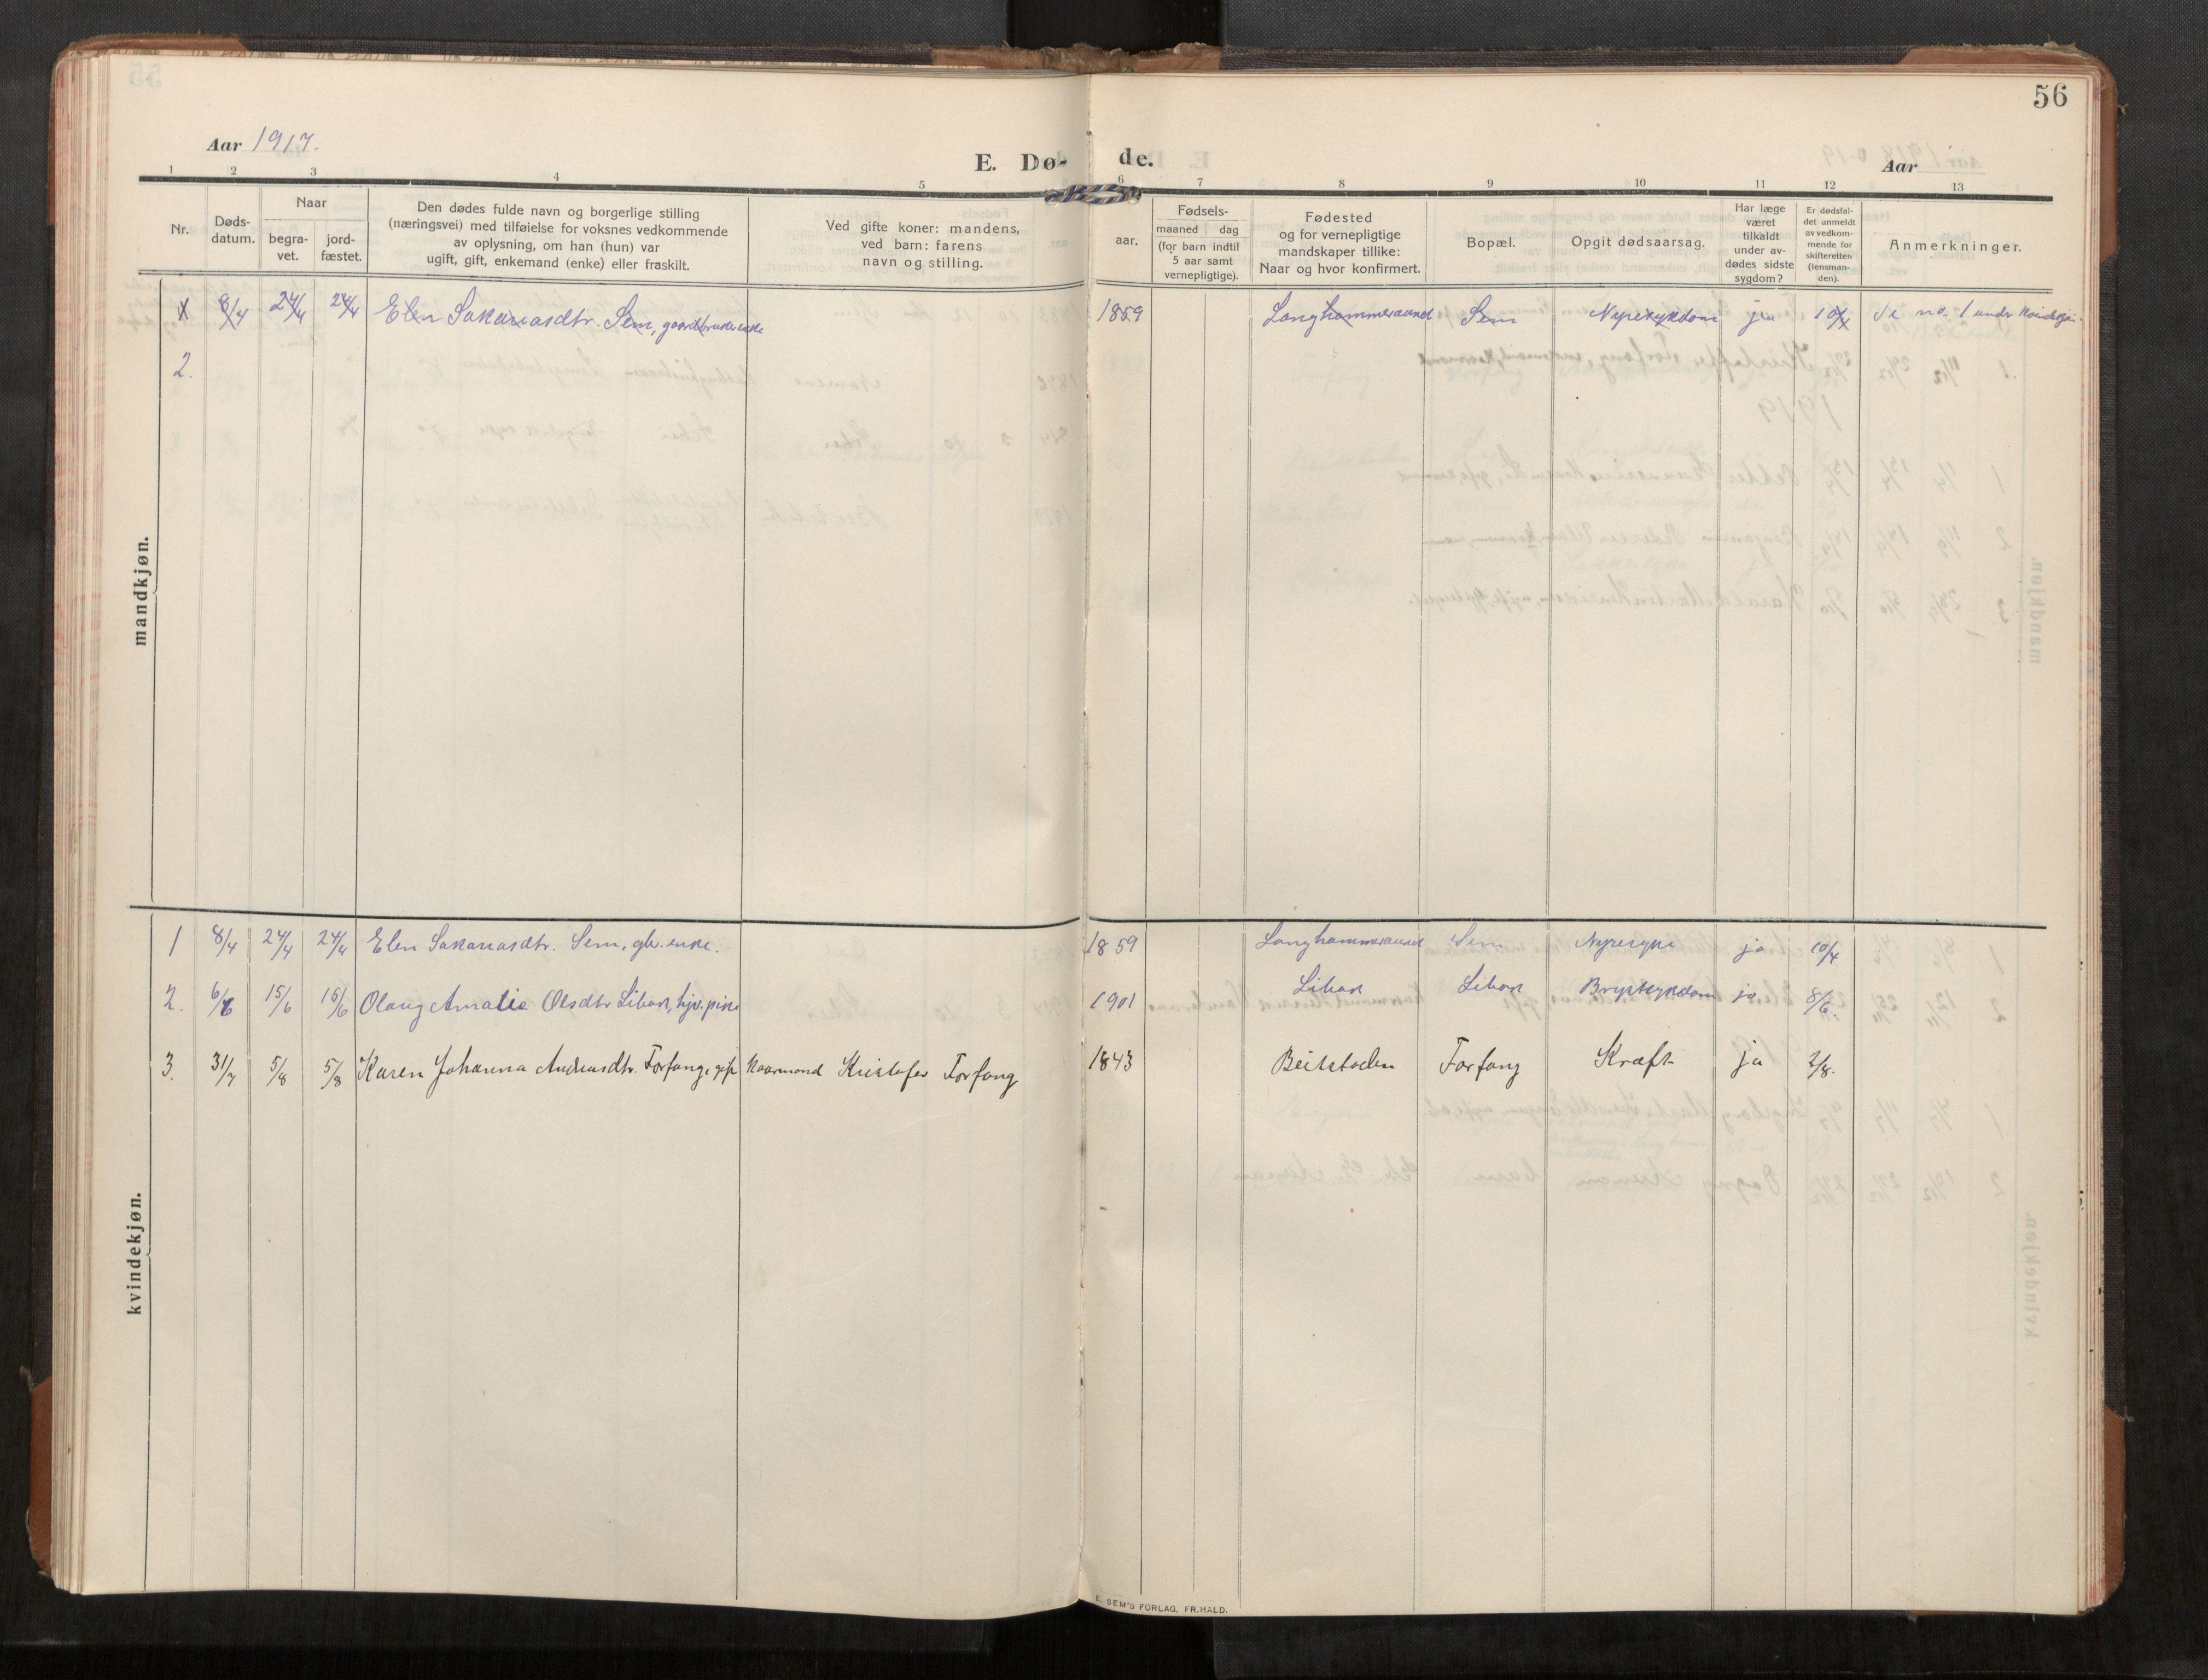 SAT, Stod sokneprestkontor, I/I1/I1a/L0003: Parish register (official) no. 3, 1909-1934, p. 56